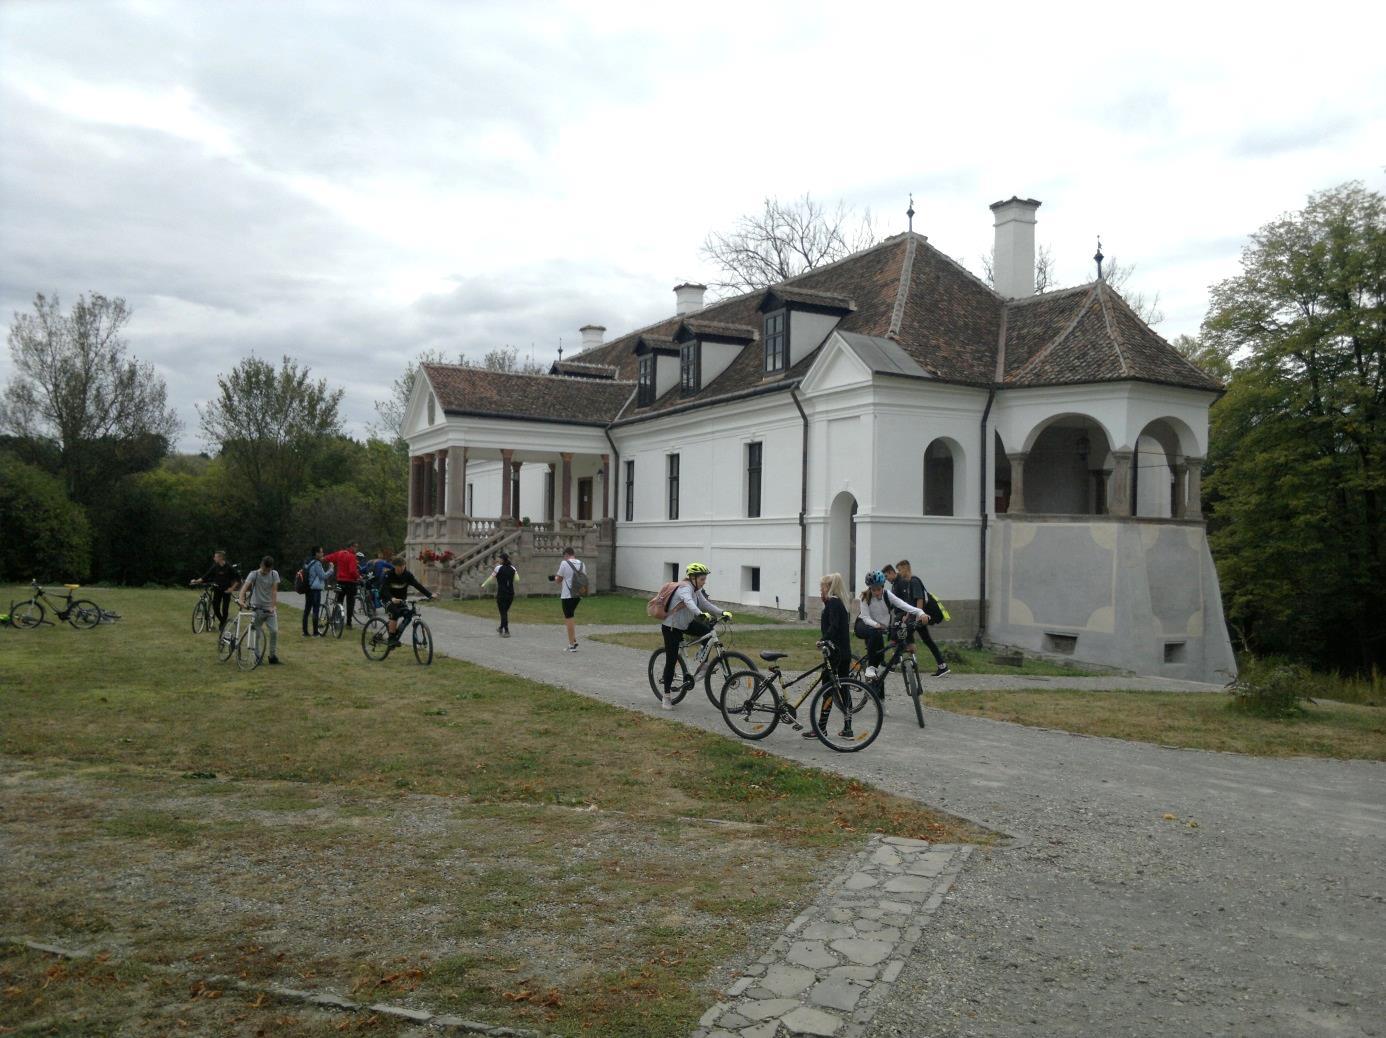 10. A kerékpáros csapat Miklósváron, a szépen felújított Kálnoky - kastély előtt